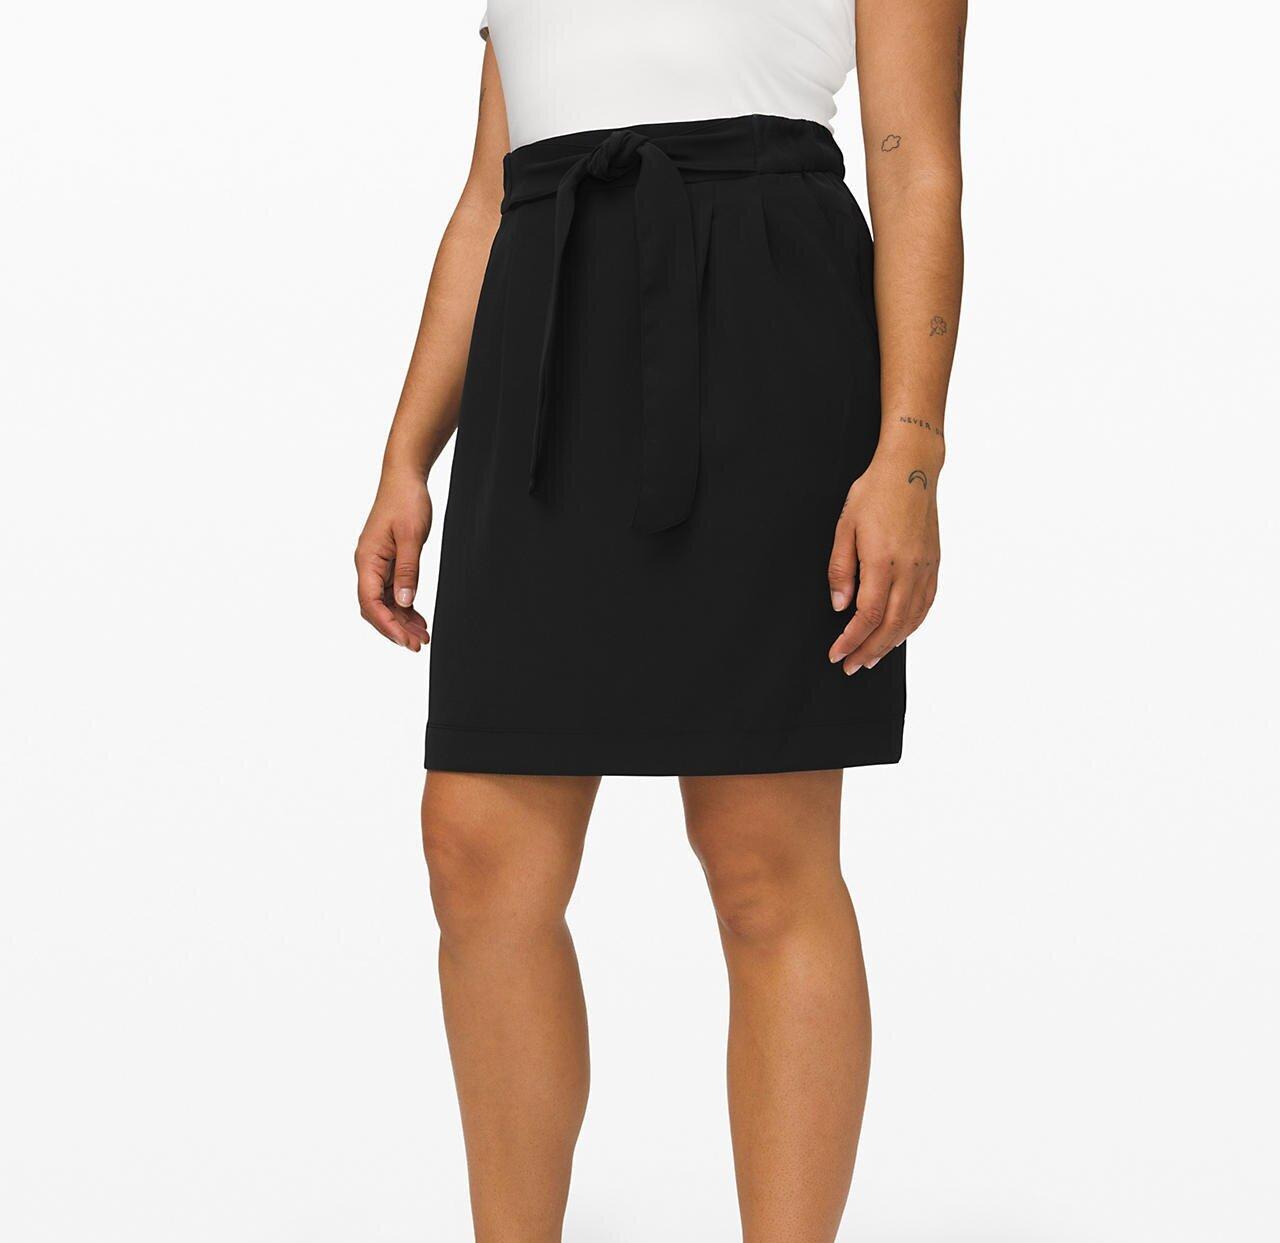 Noir Skirt in Black